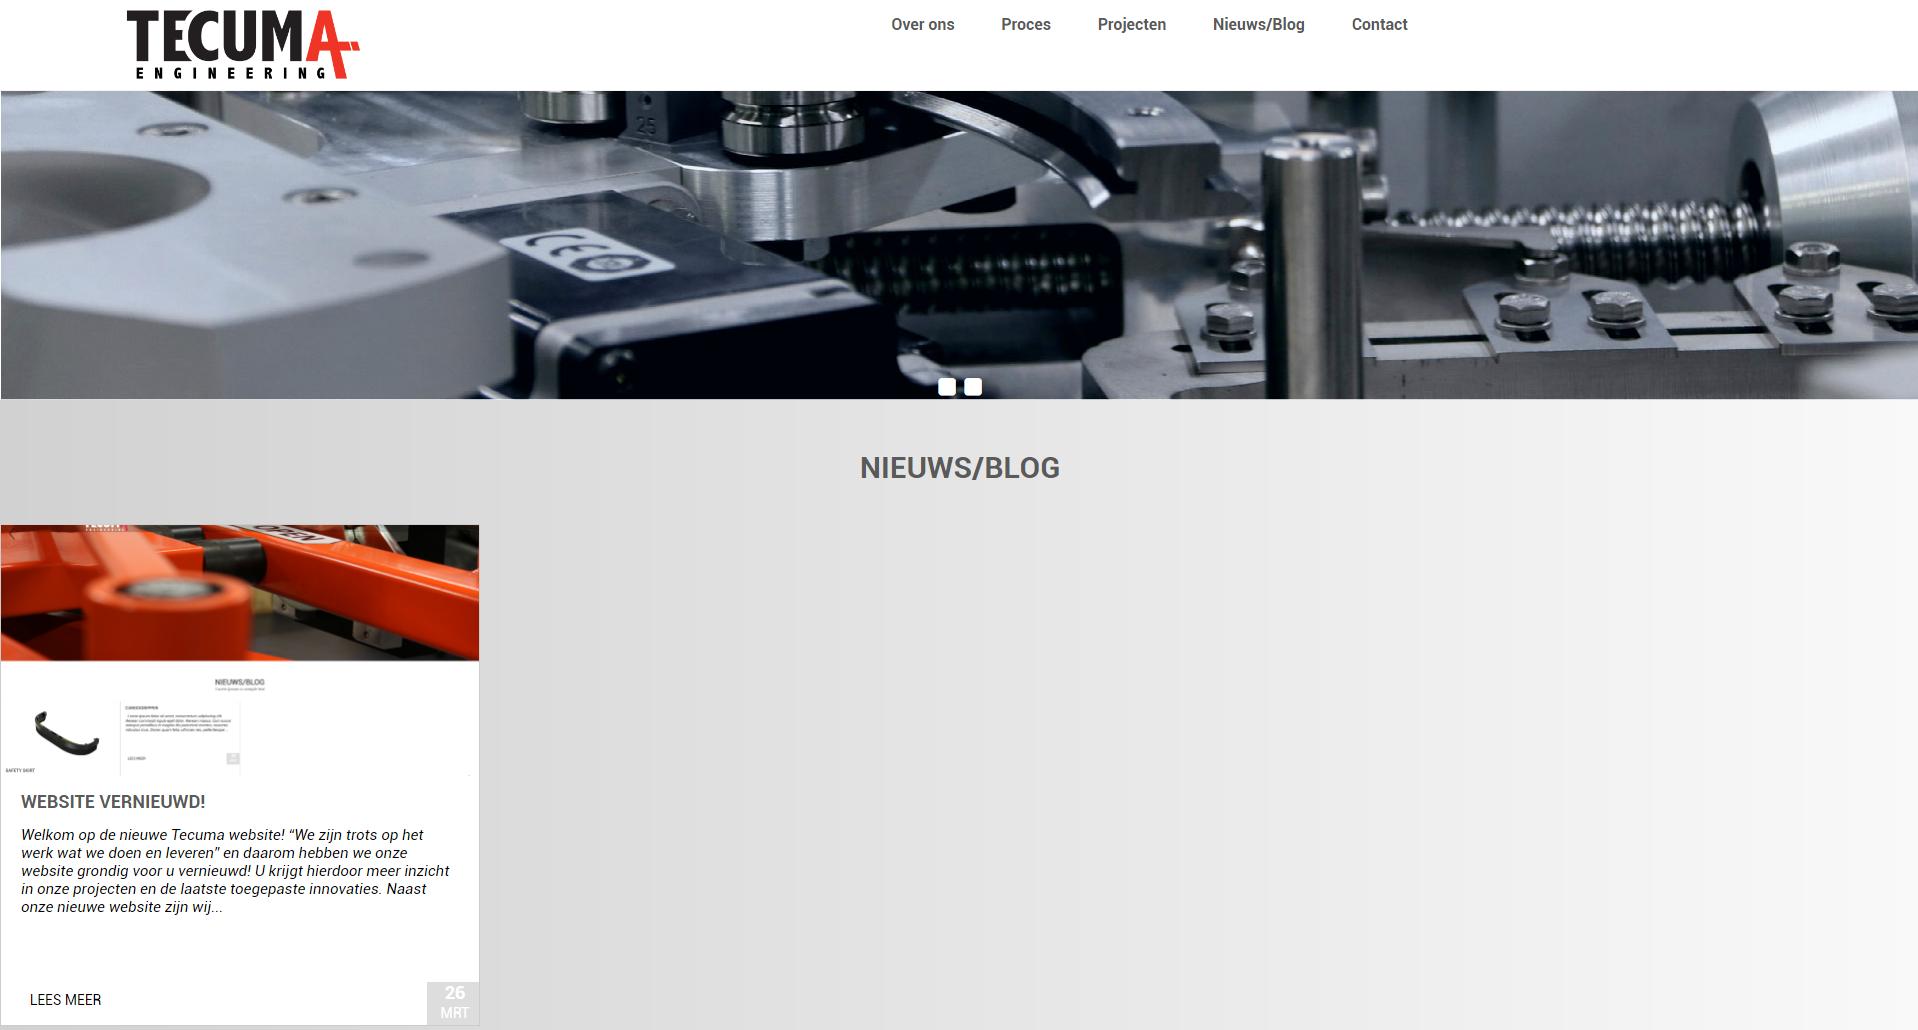 Website vernieuwd!